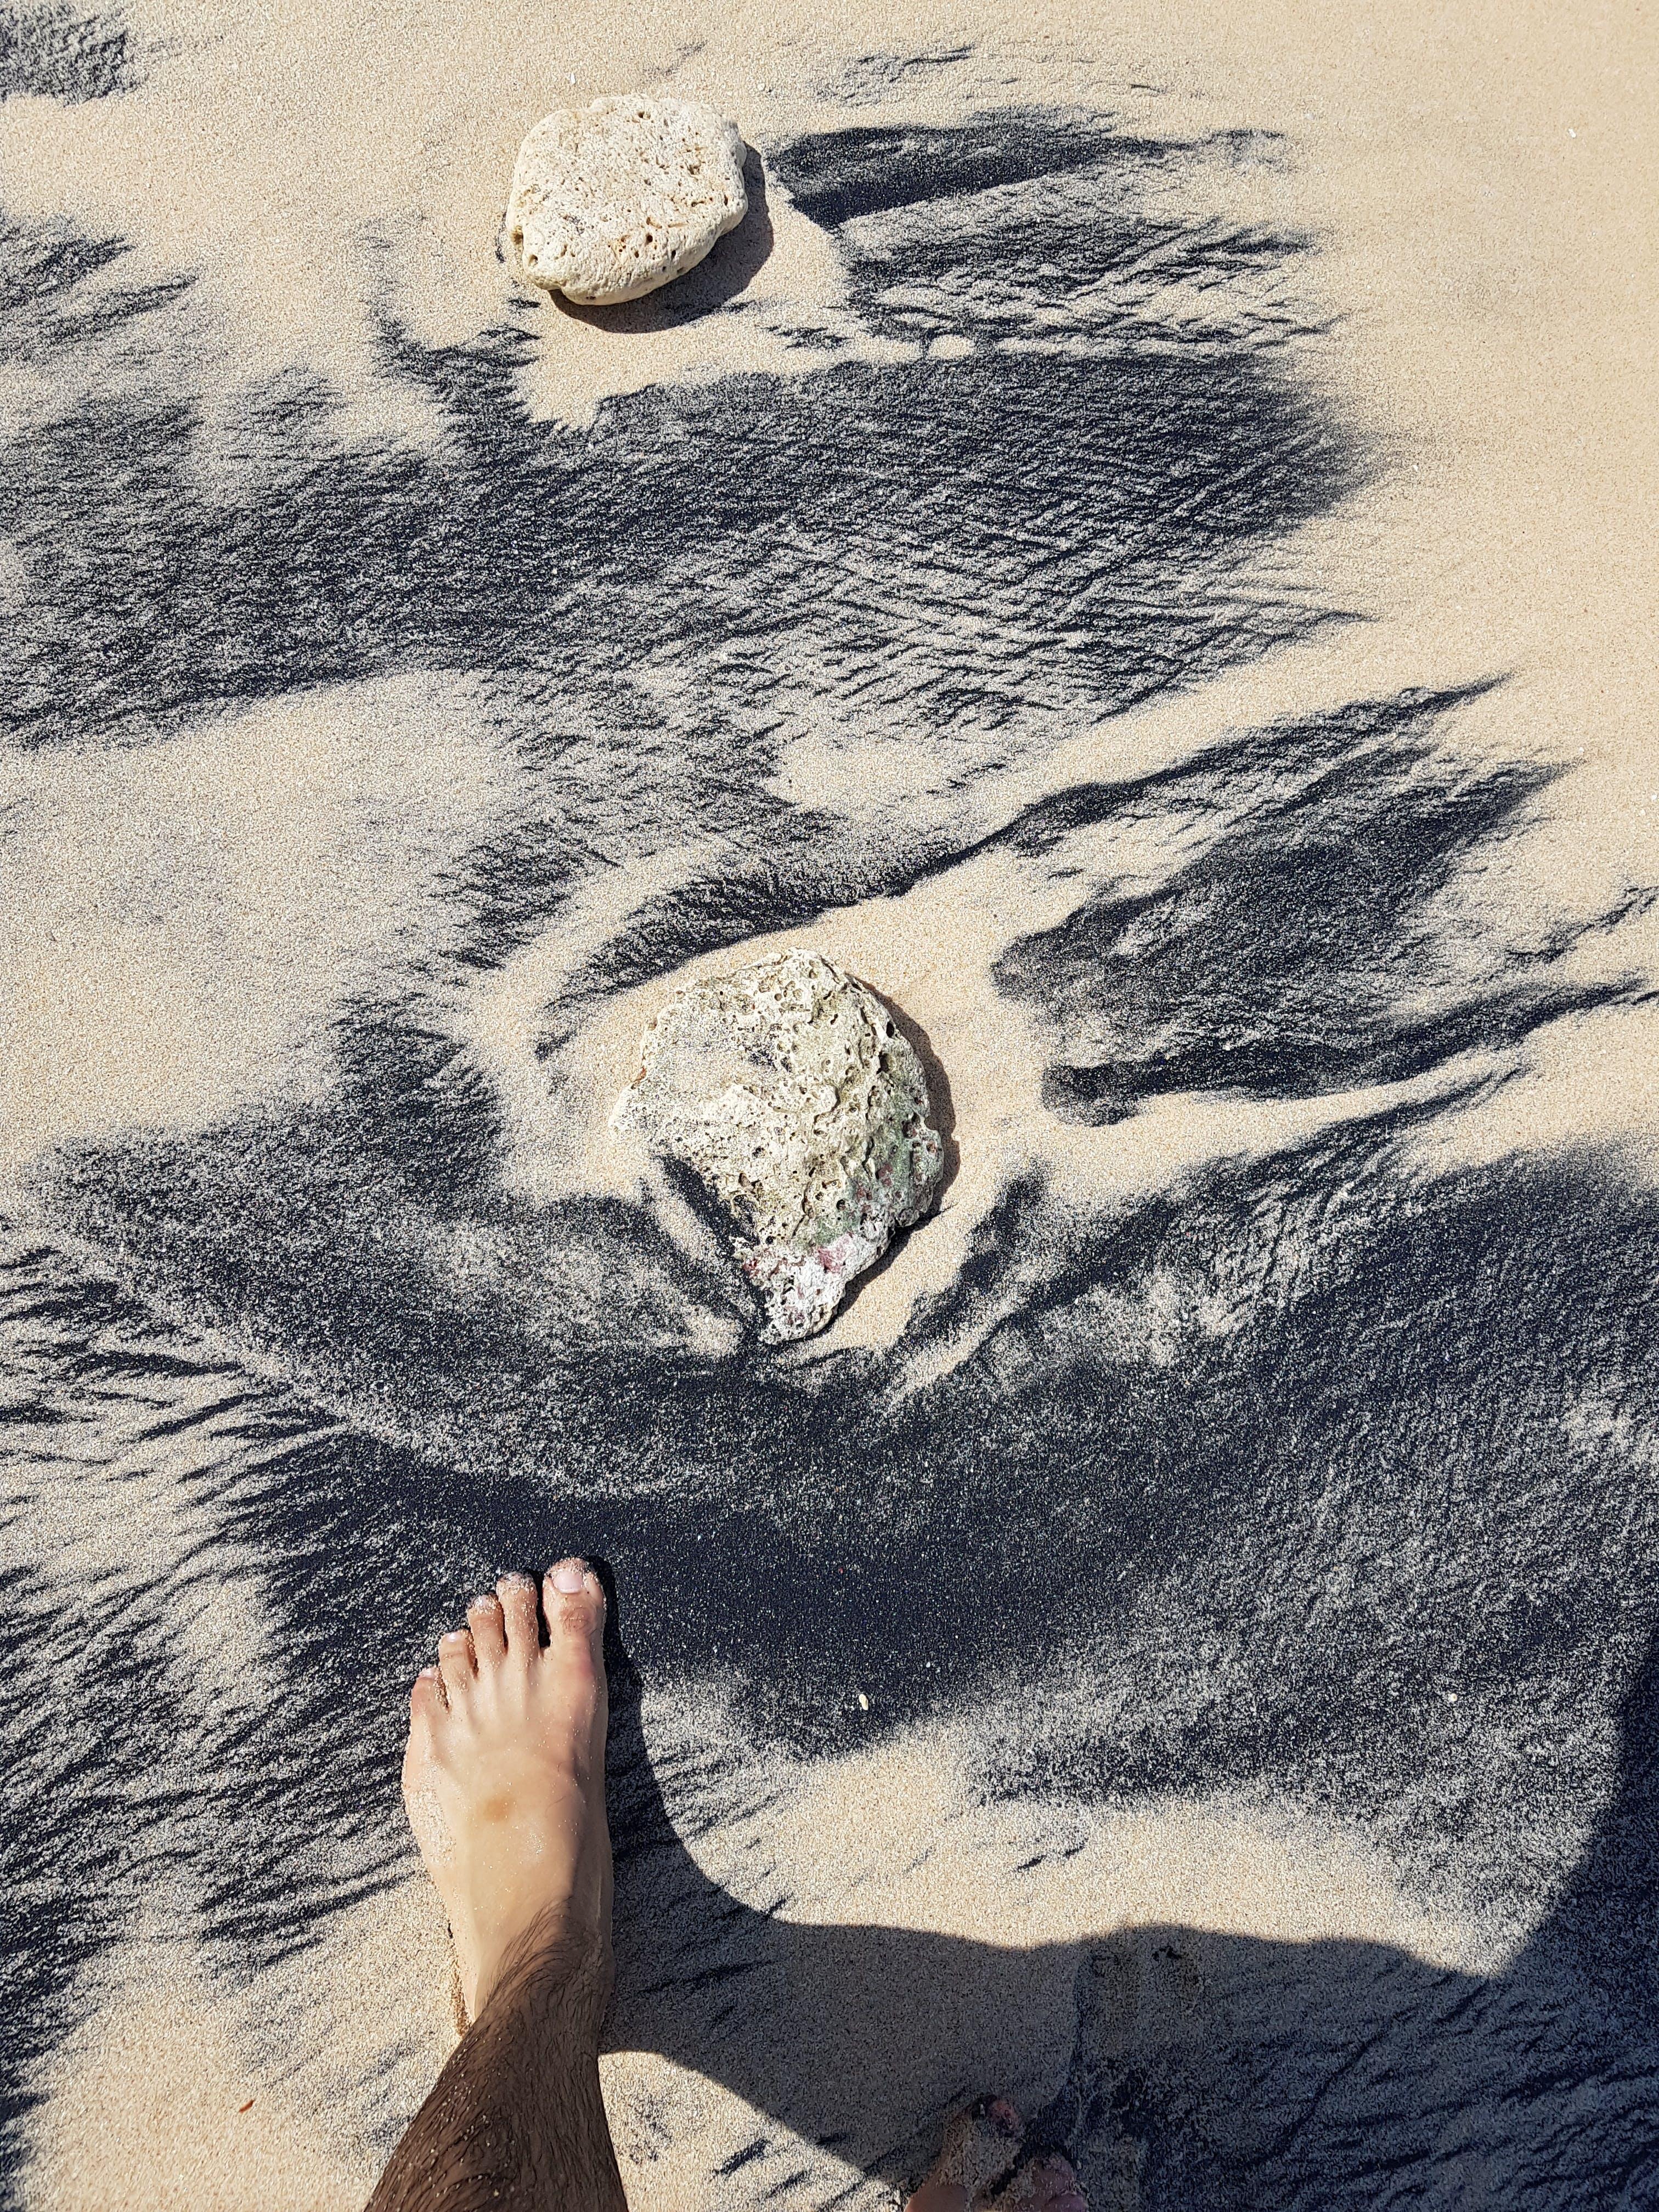 Δωρεάν στοκ φωτογραφιών με άμμος, αμμουδιά, άνθρωπος, βράχια